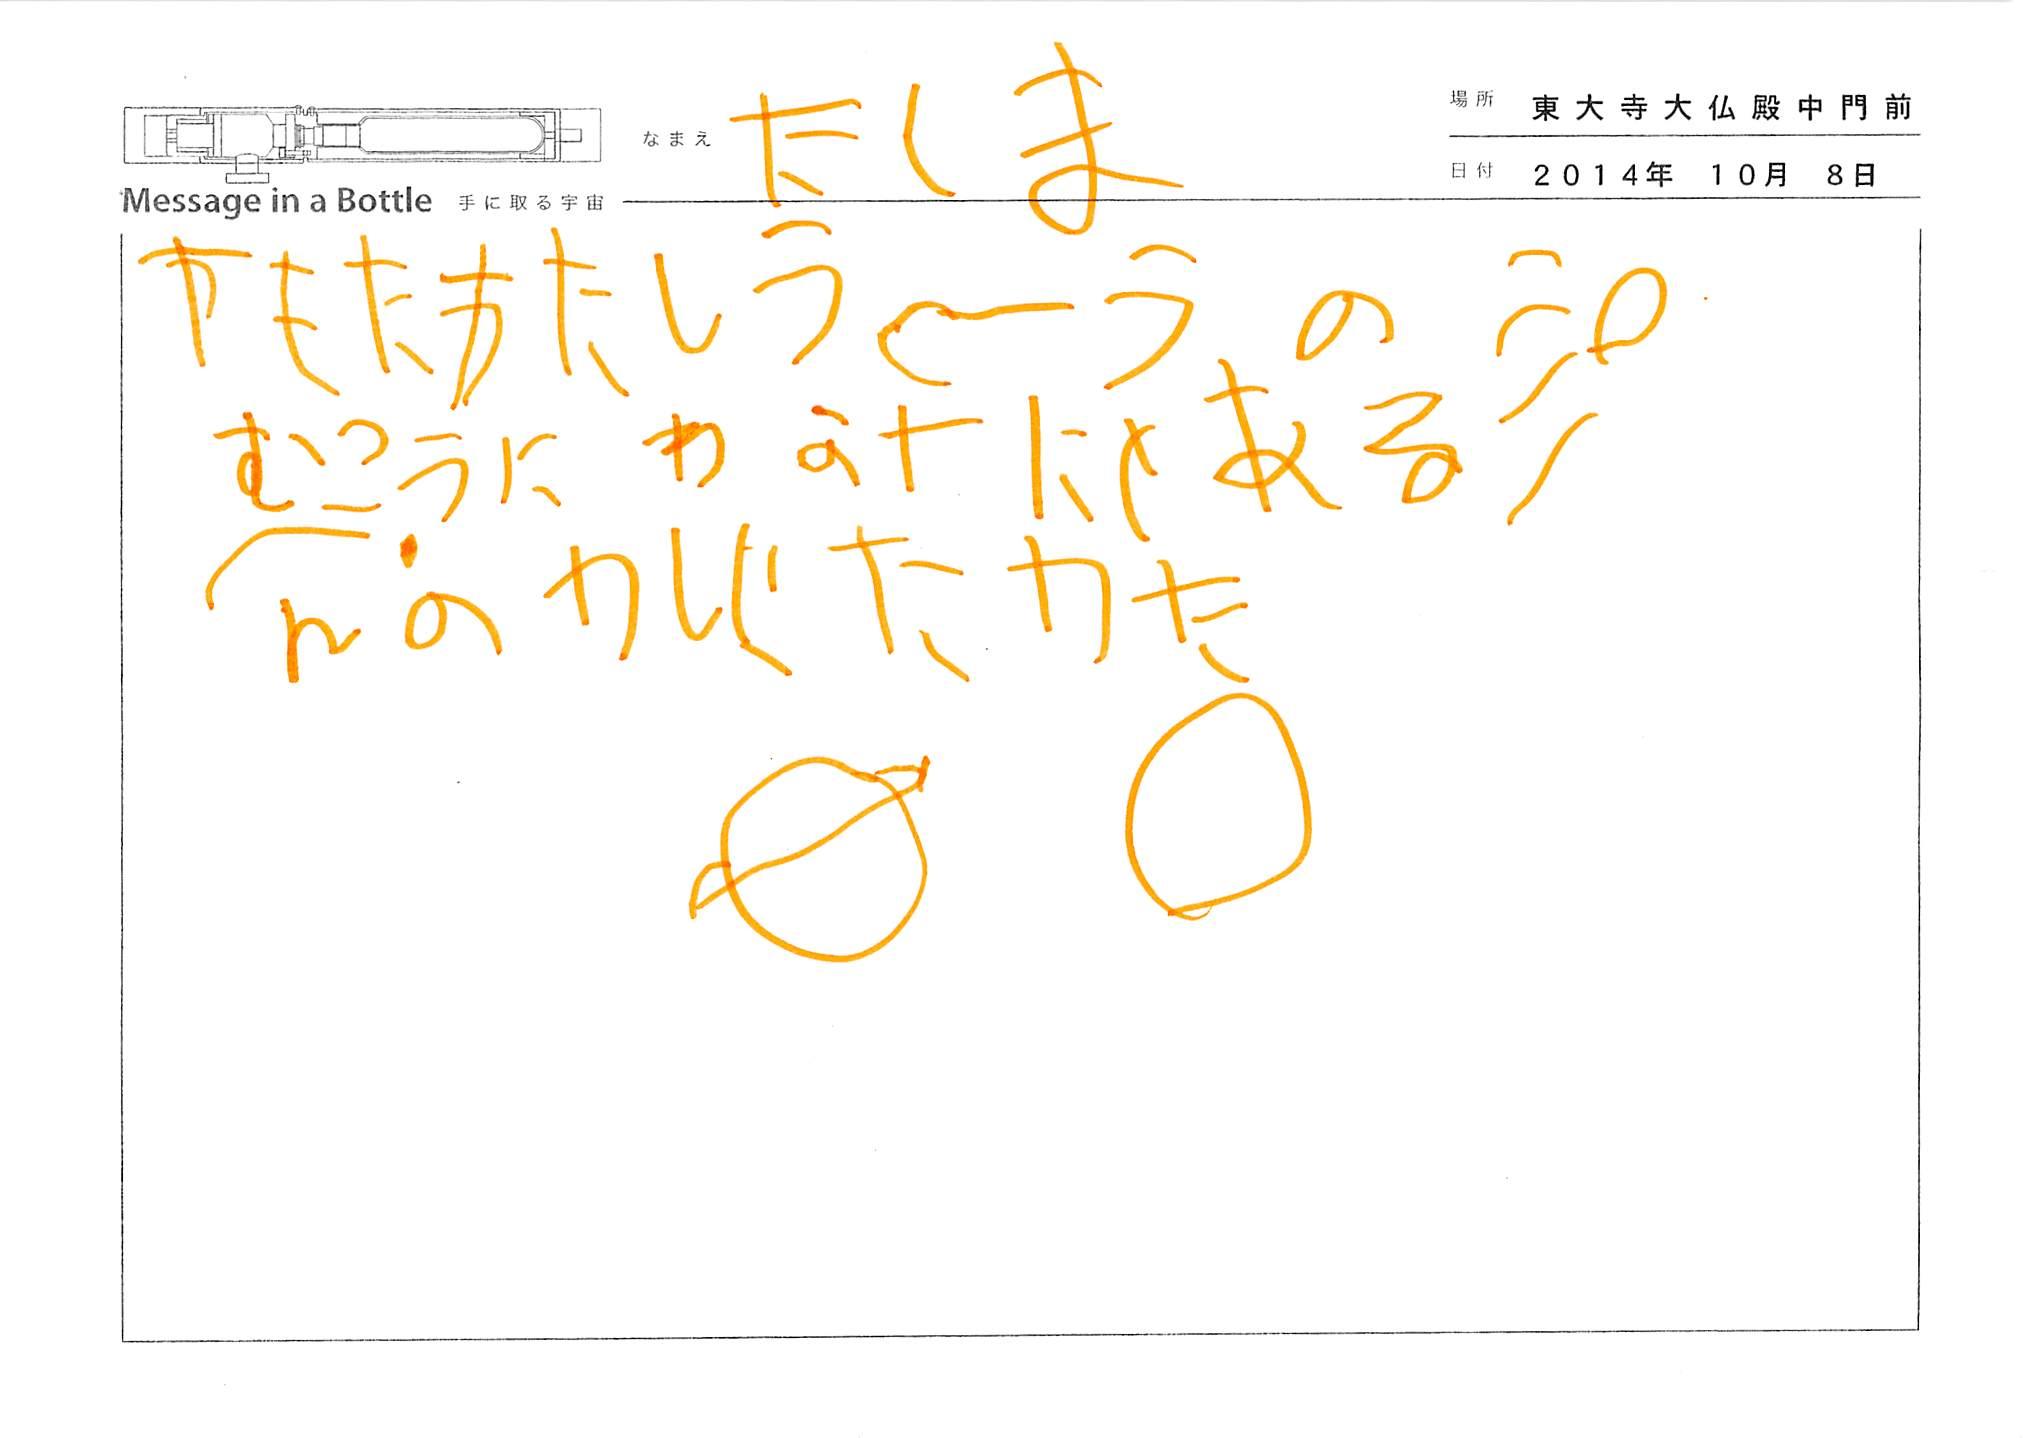 2014-10-08-18-53-58.jpg